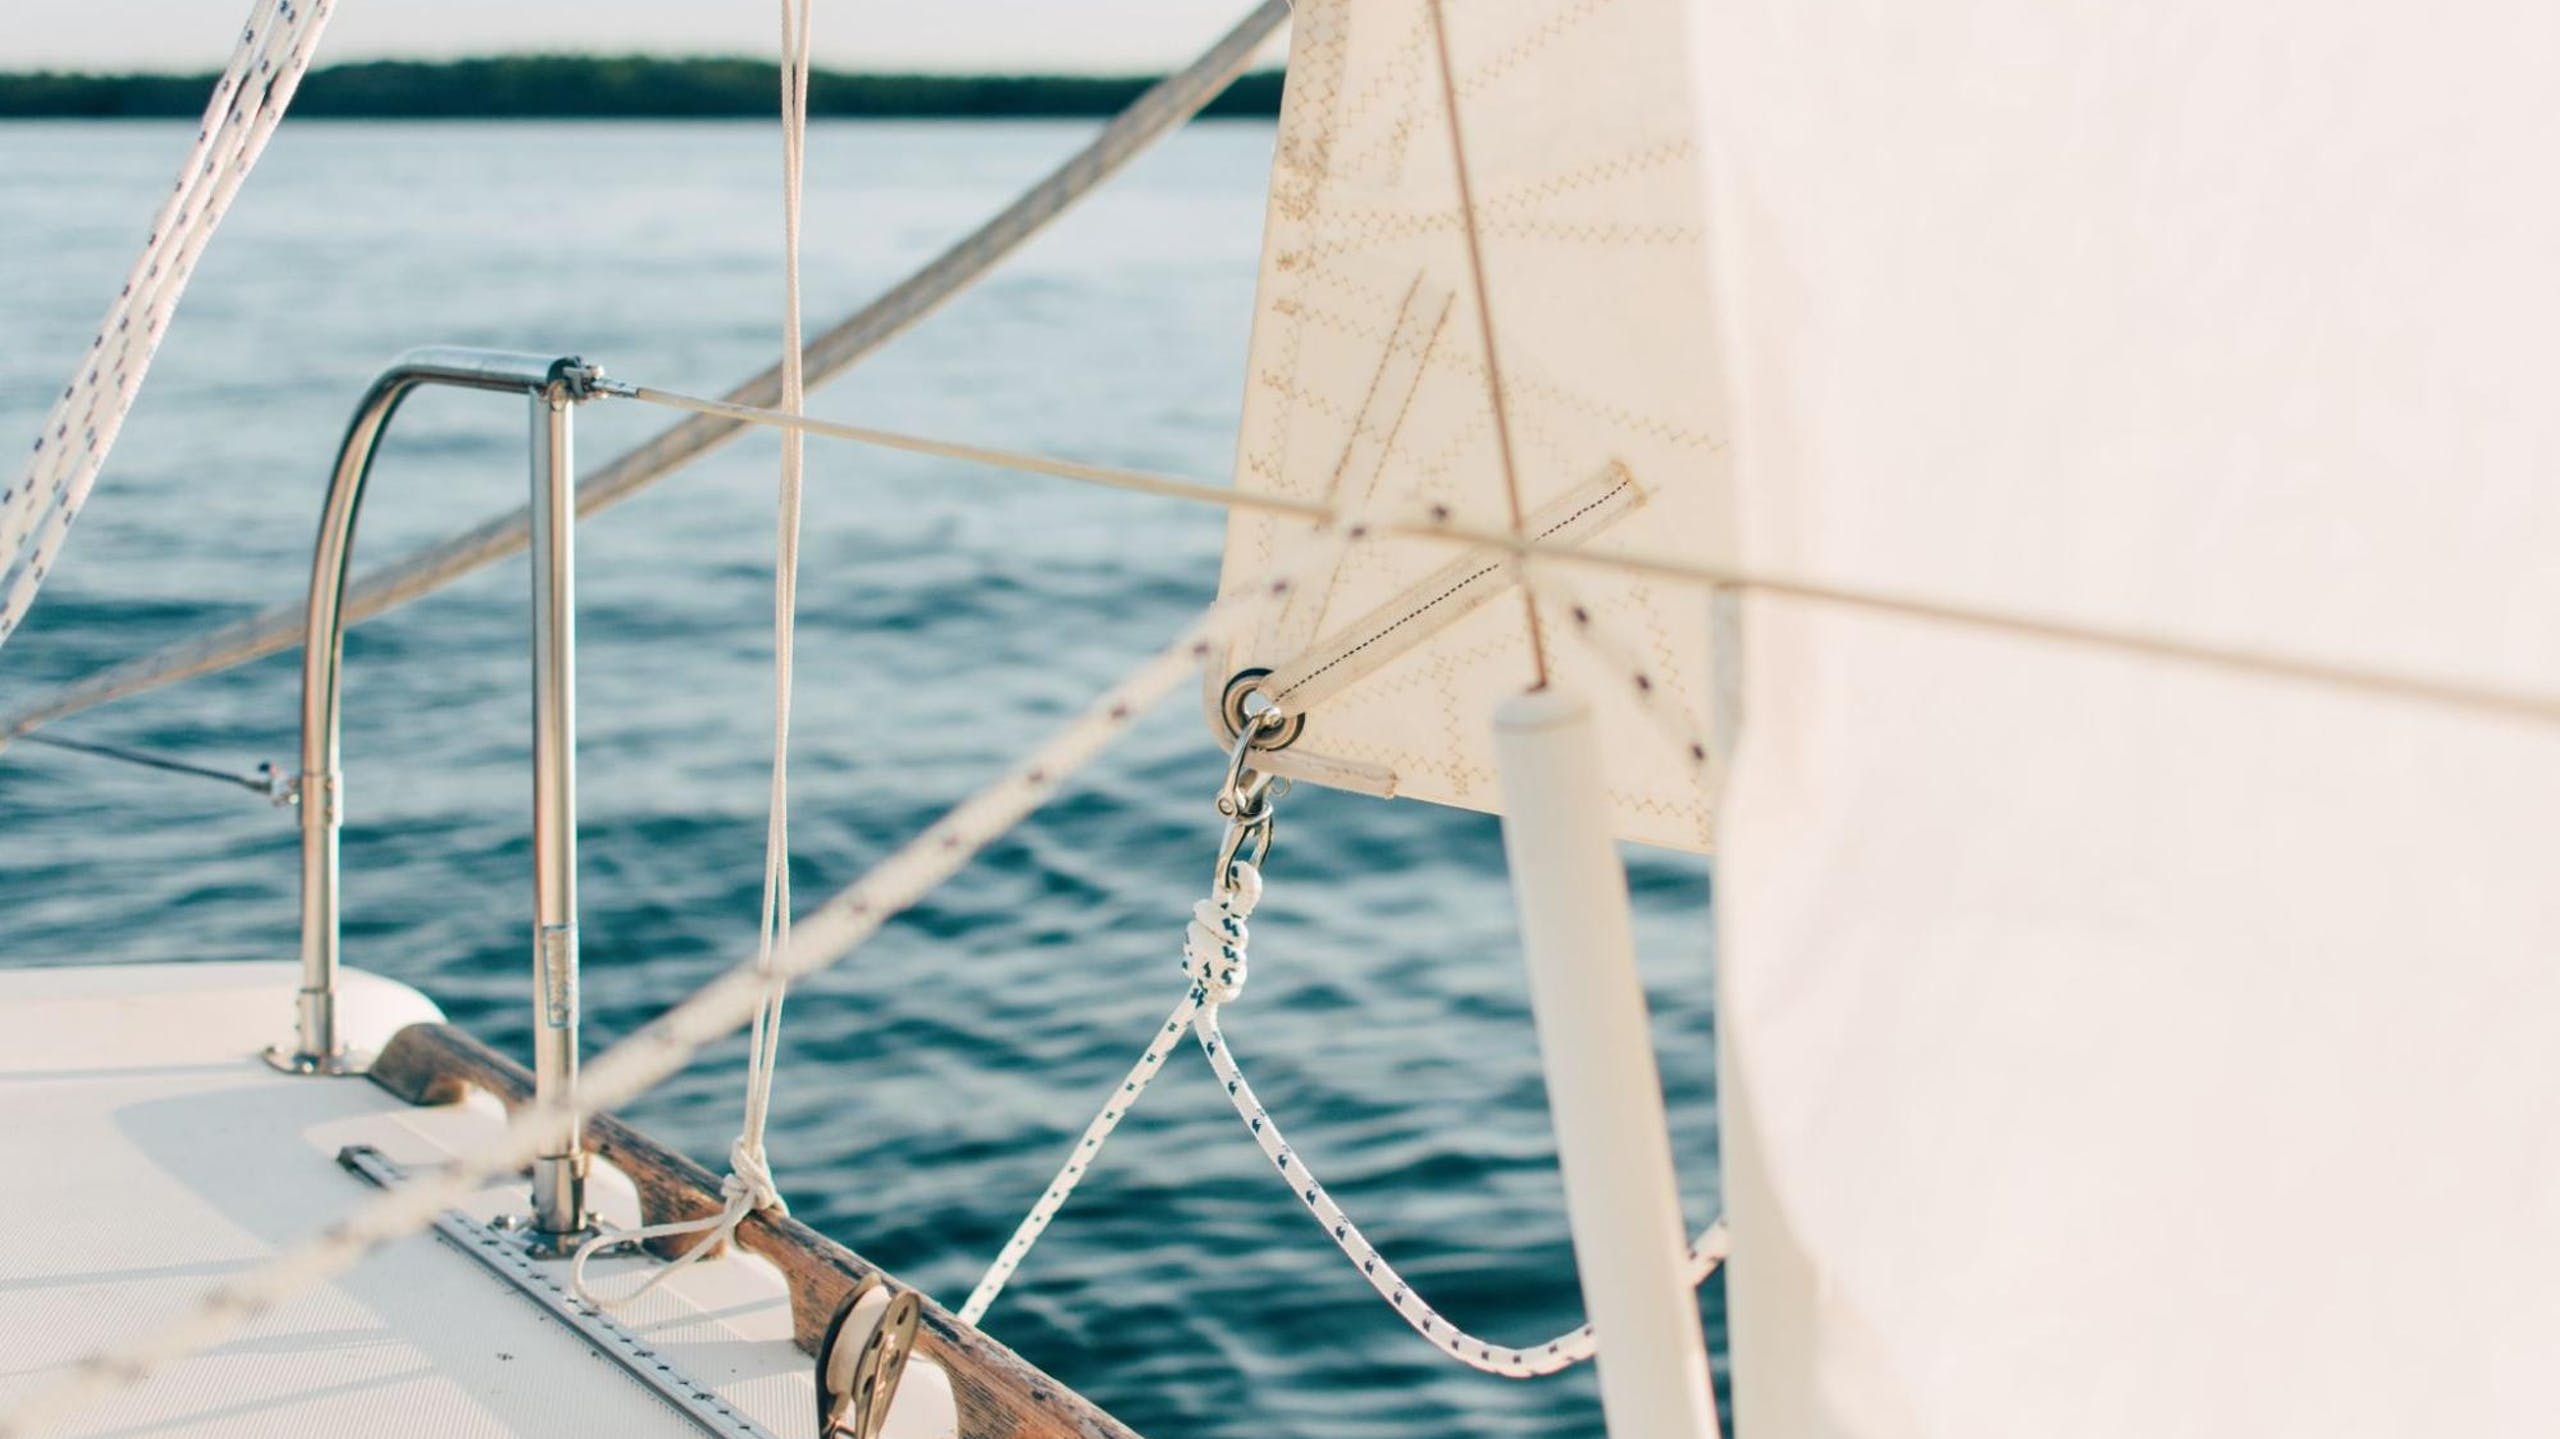 bateau voilier